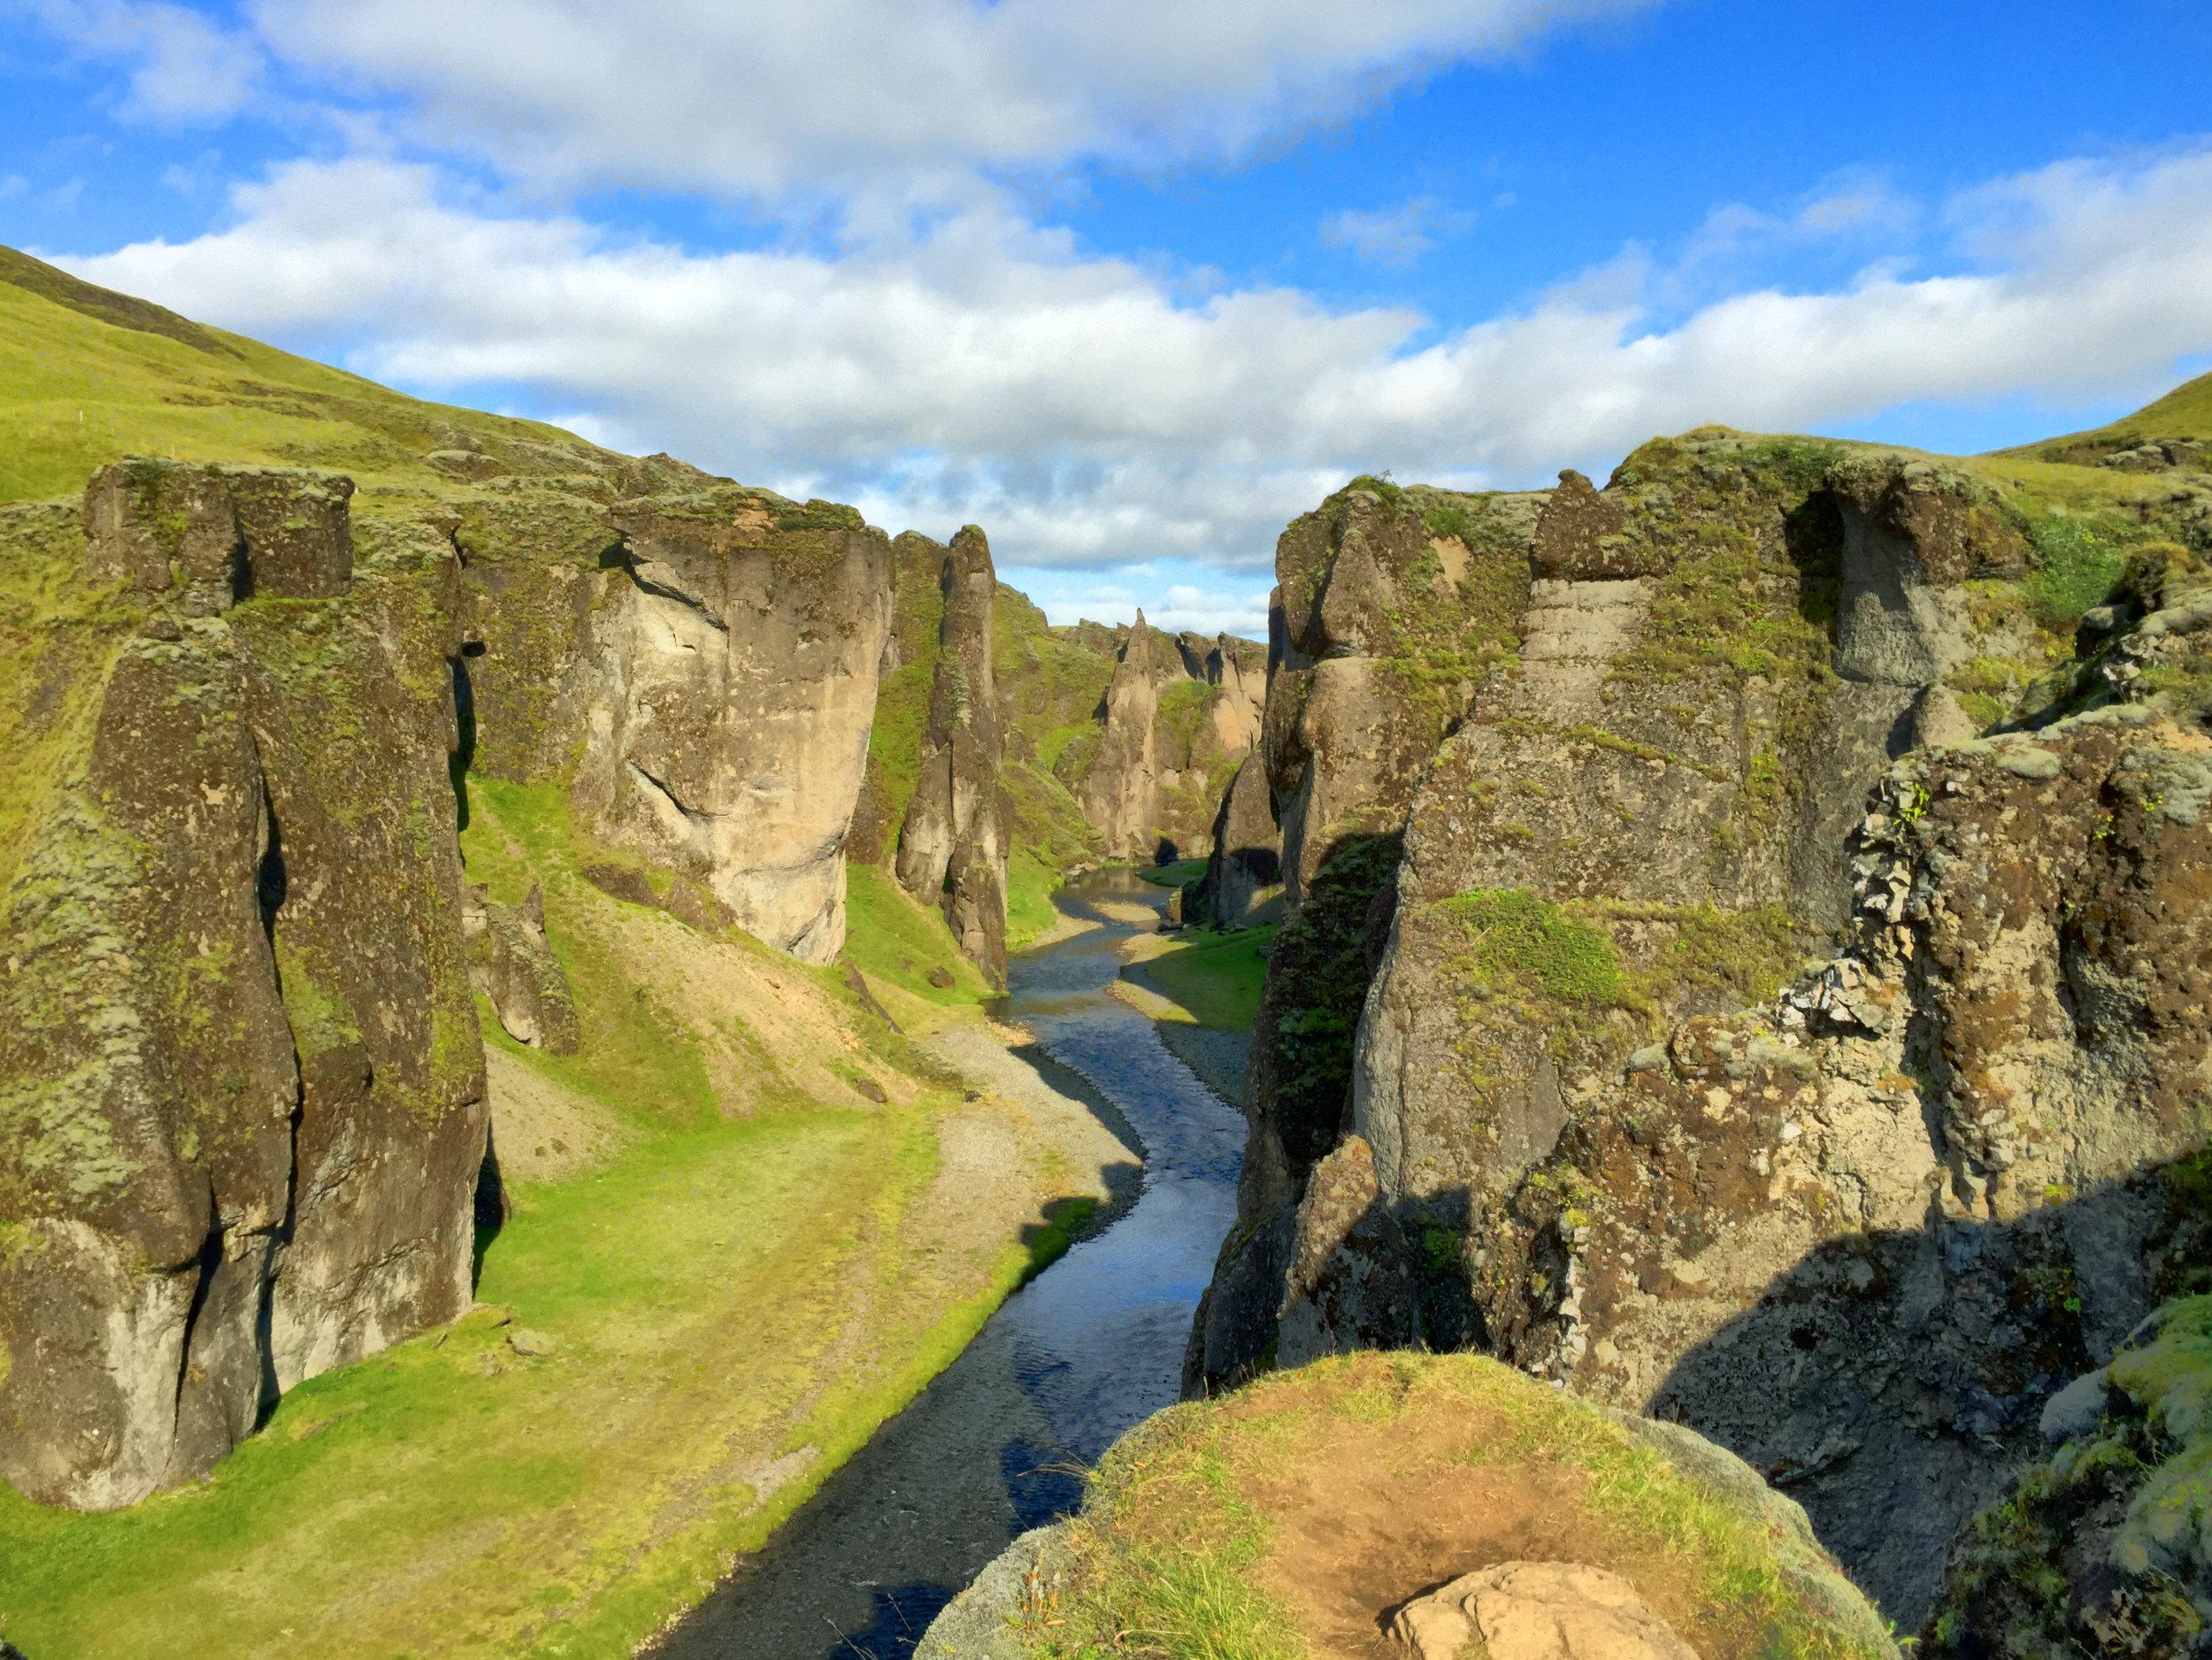 Iceland_2015_fjadrargljufur_jamestomas.jpeg